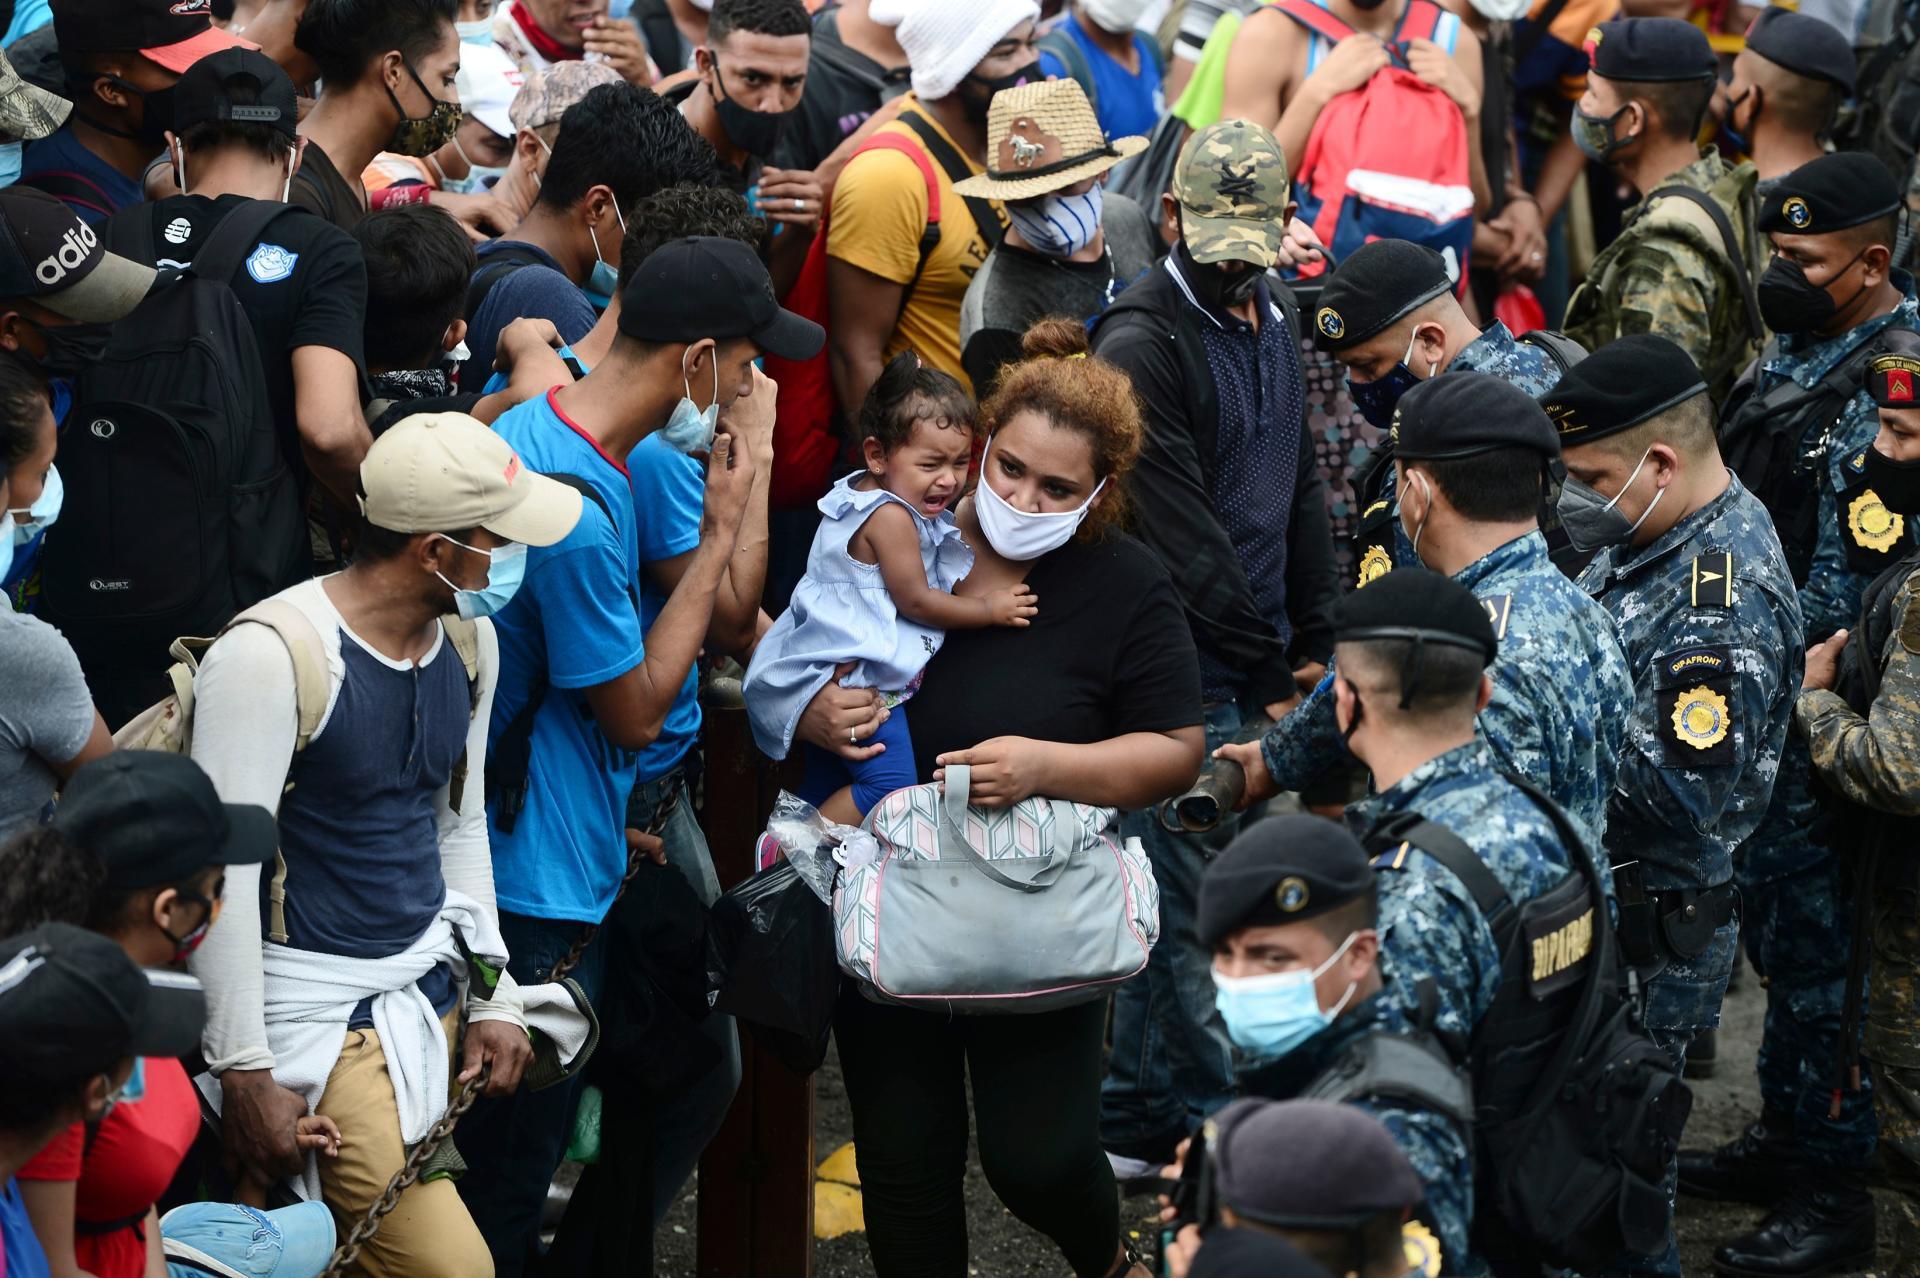 Des migrants honduriens franchissent la barrière de police pour entrer au Guatemala en route pour les Etats-Unis, à la frontière de Corinto, au Honduras, le 1eroctobre.